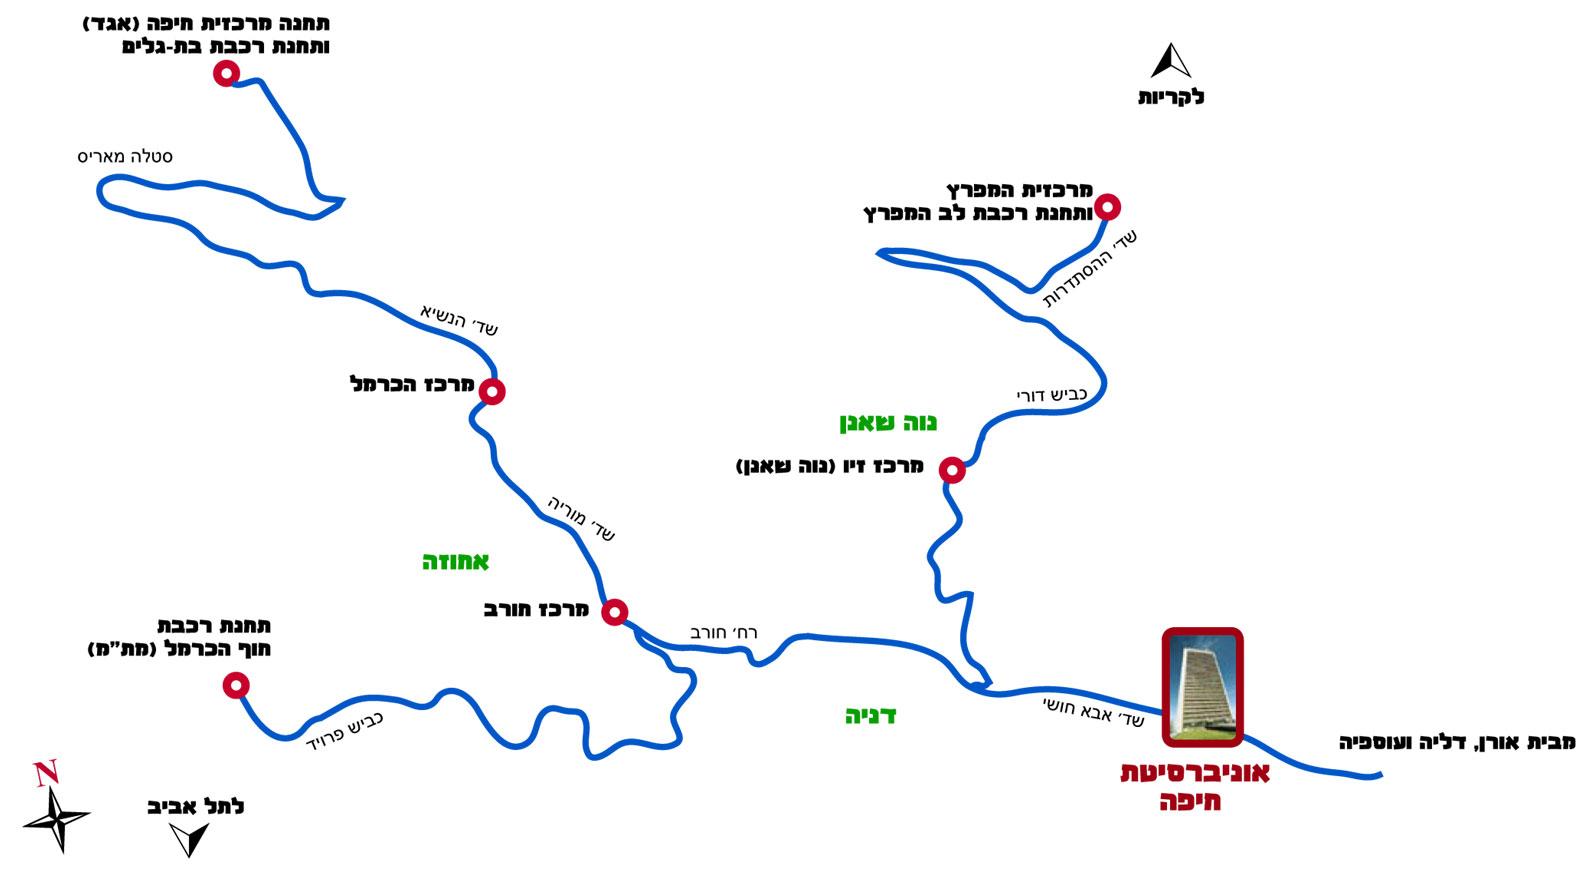 מפת האיזור